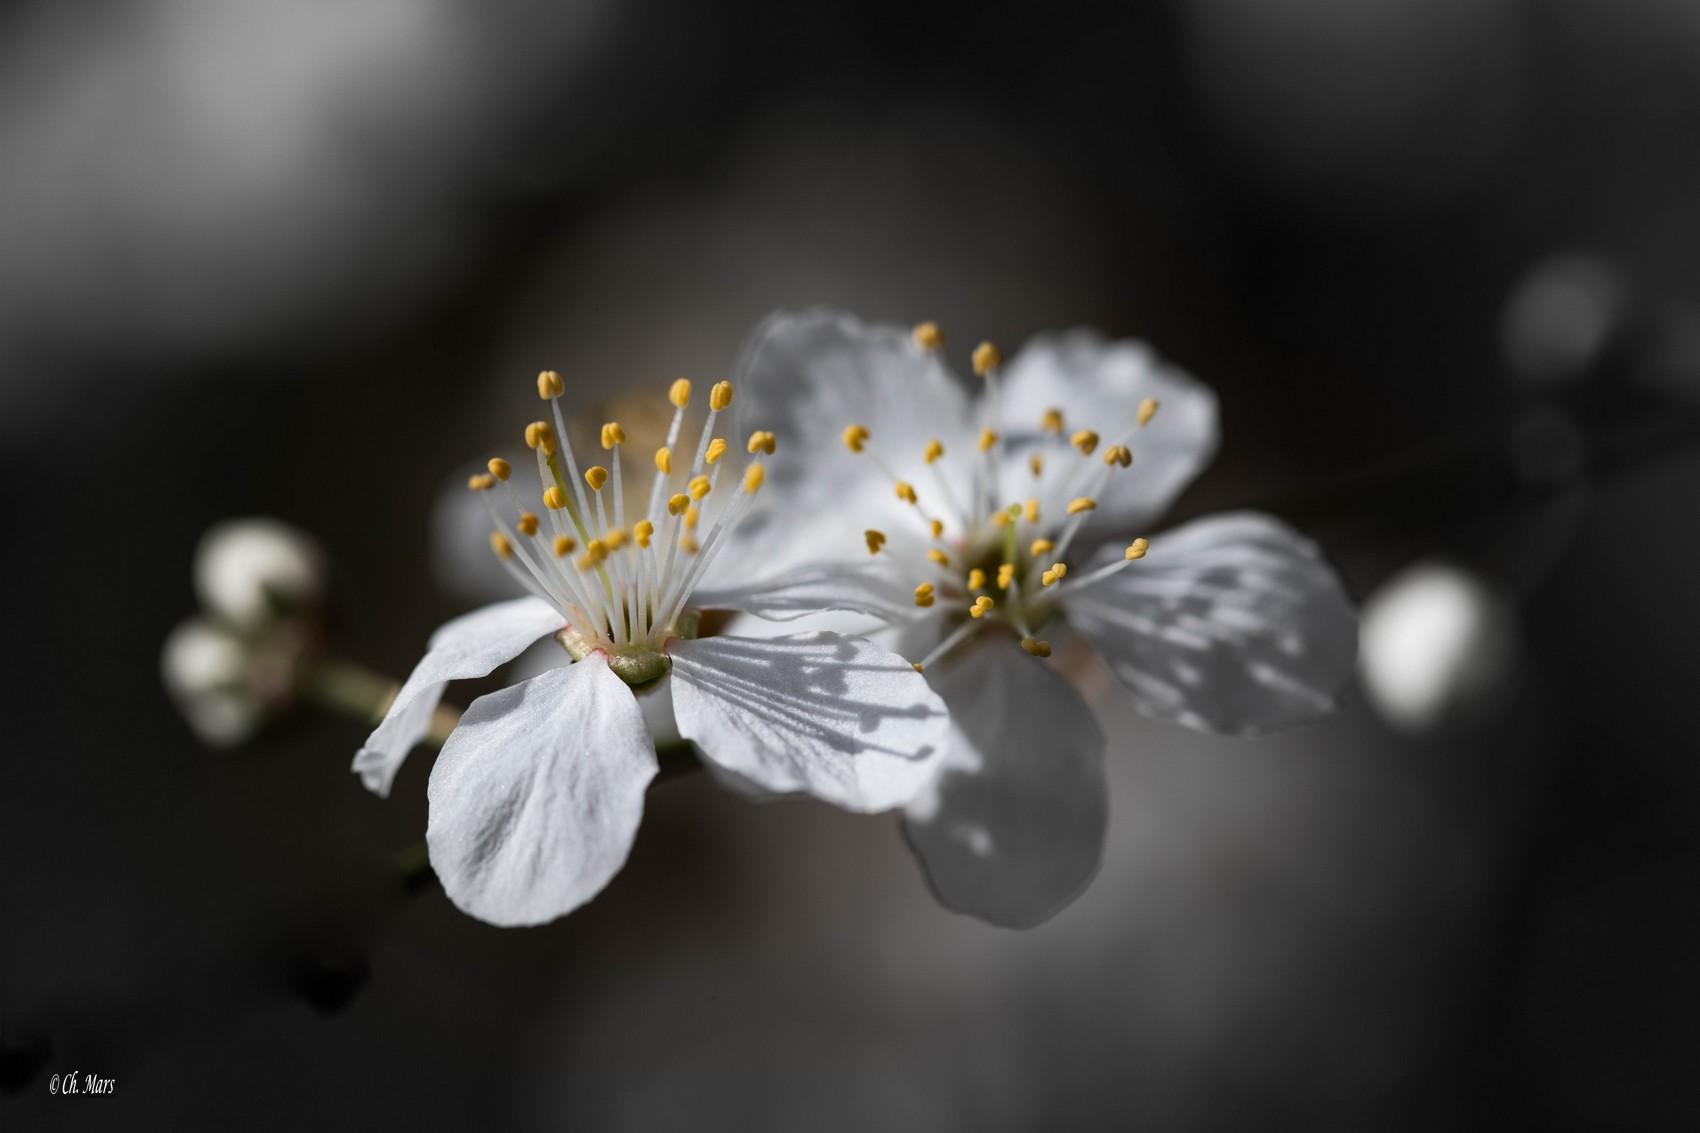 Epine noire (Prunus spinosa)